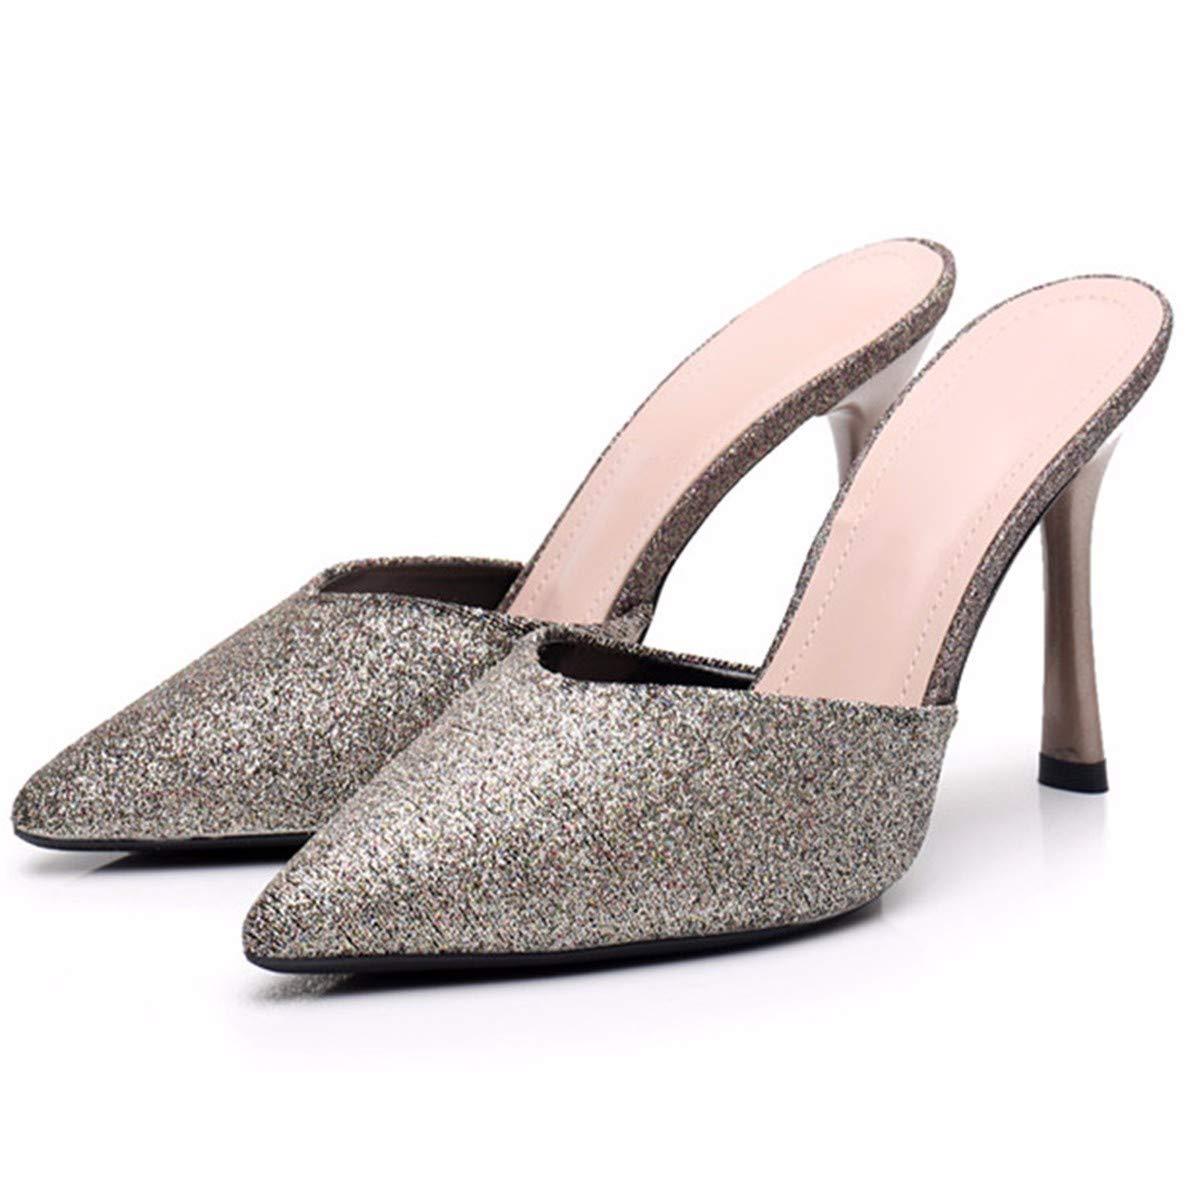 KPHY Damenschuhe Sexy Spitze Dünn Und Semi - Pantoffeln Passende Schuhe Hinten Leer Baotou Mode - Mädchen.35 Champagner - Farbe